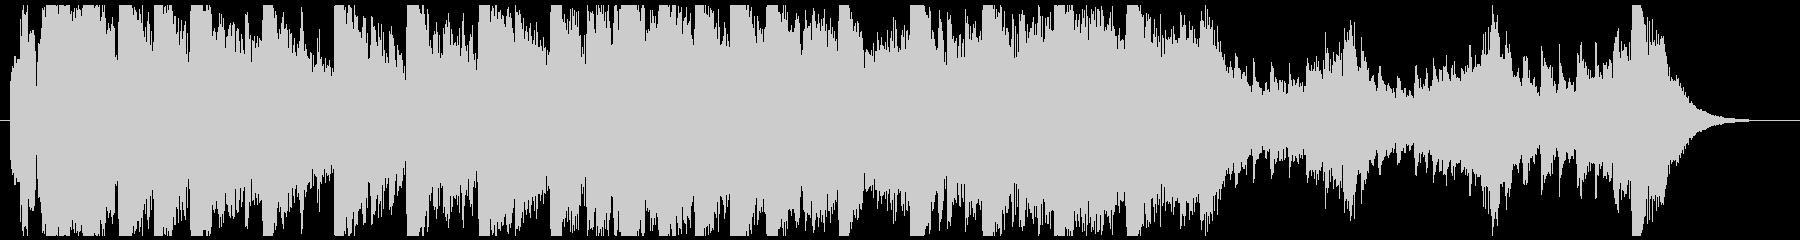 ハローウィン用のホラー曲-30秒の未再生の波形